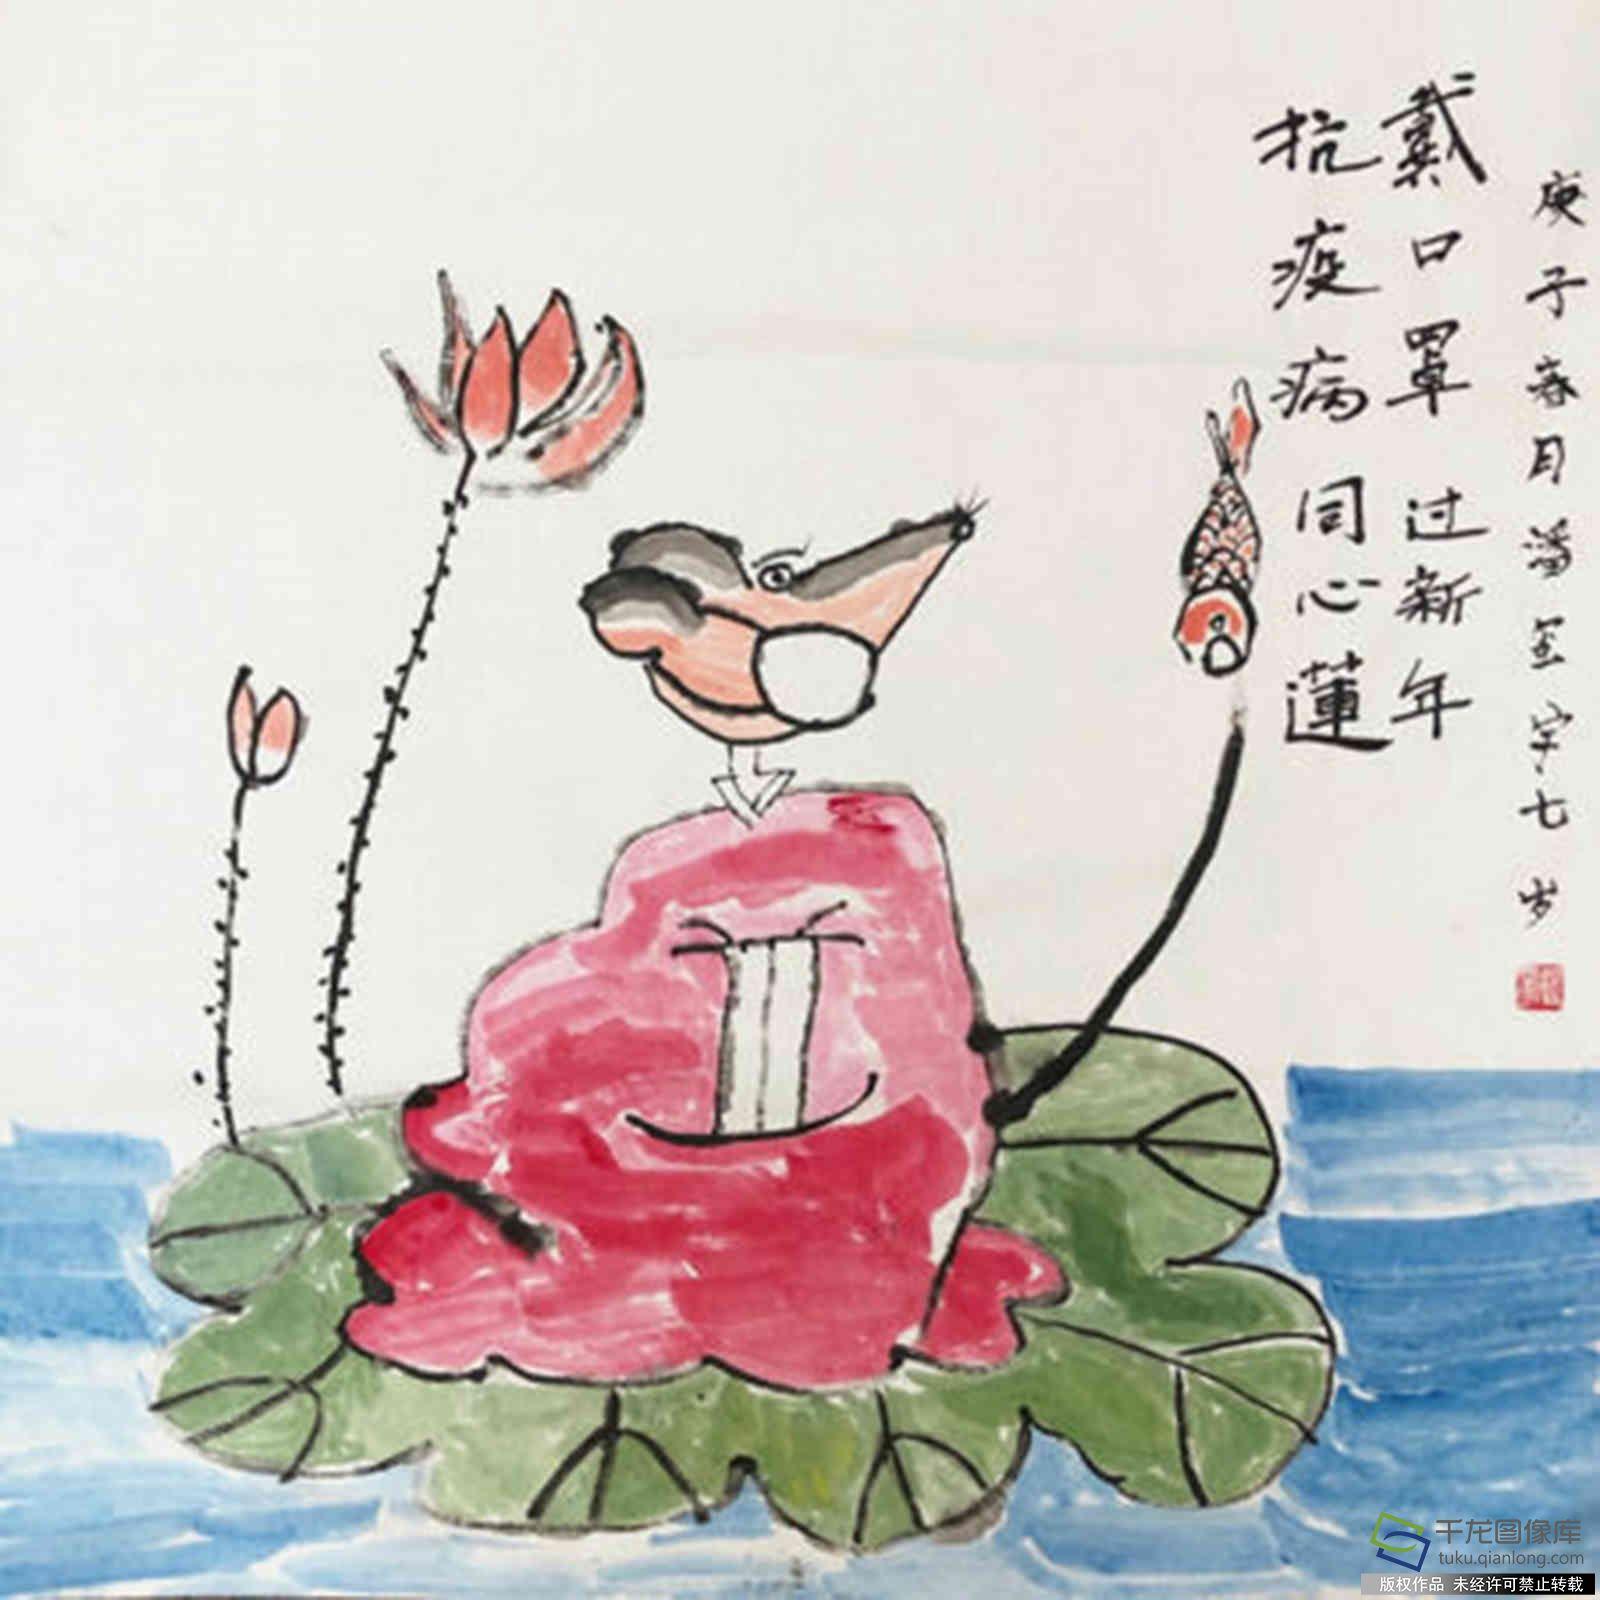 防疫抗疫 從我做起 北京石油學院附屬實驗小學潘璽宇:戴口罩過新年